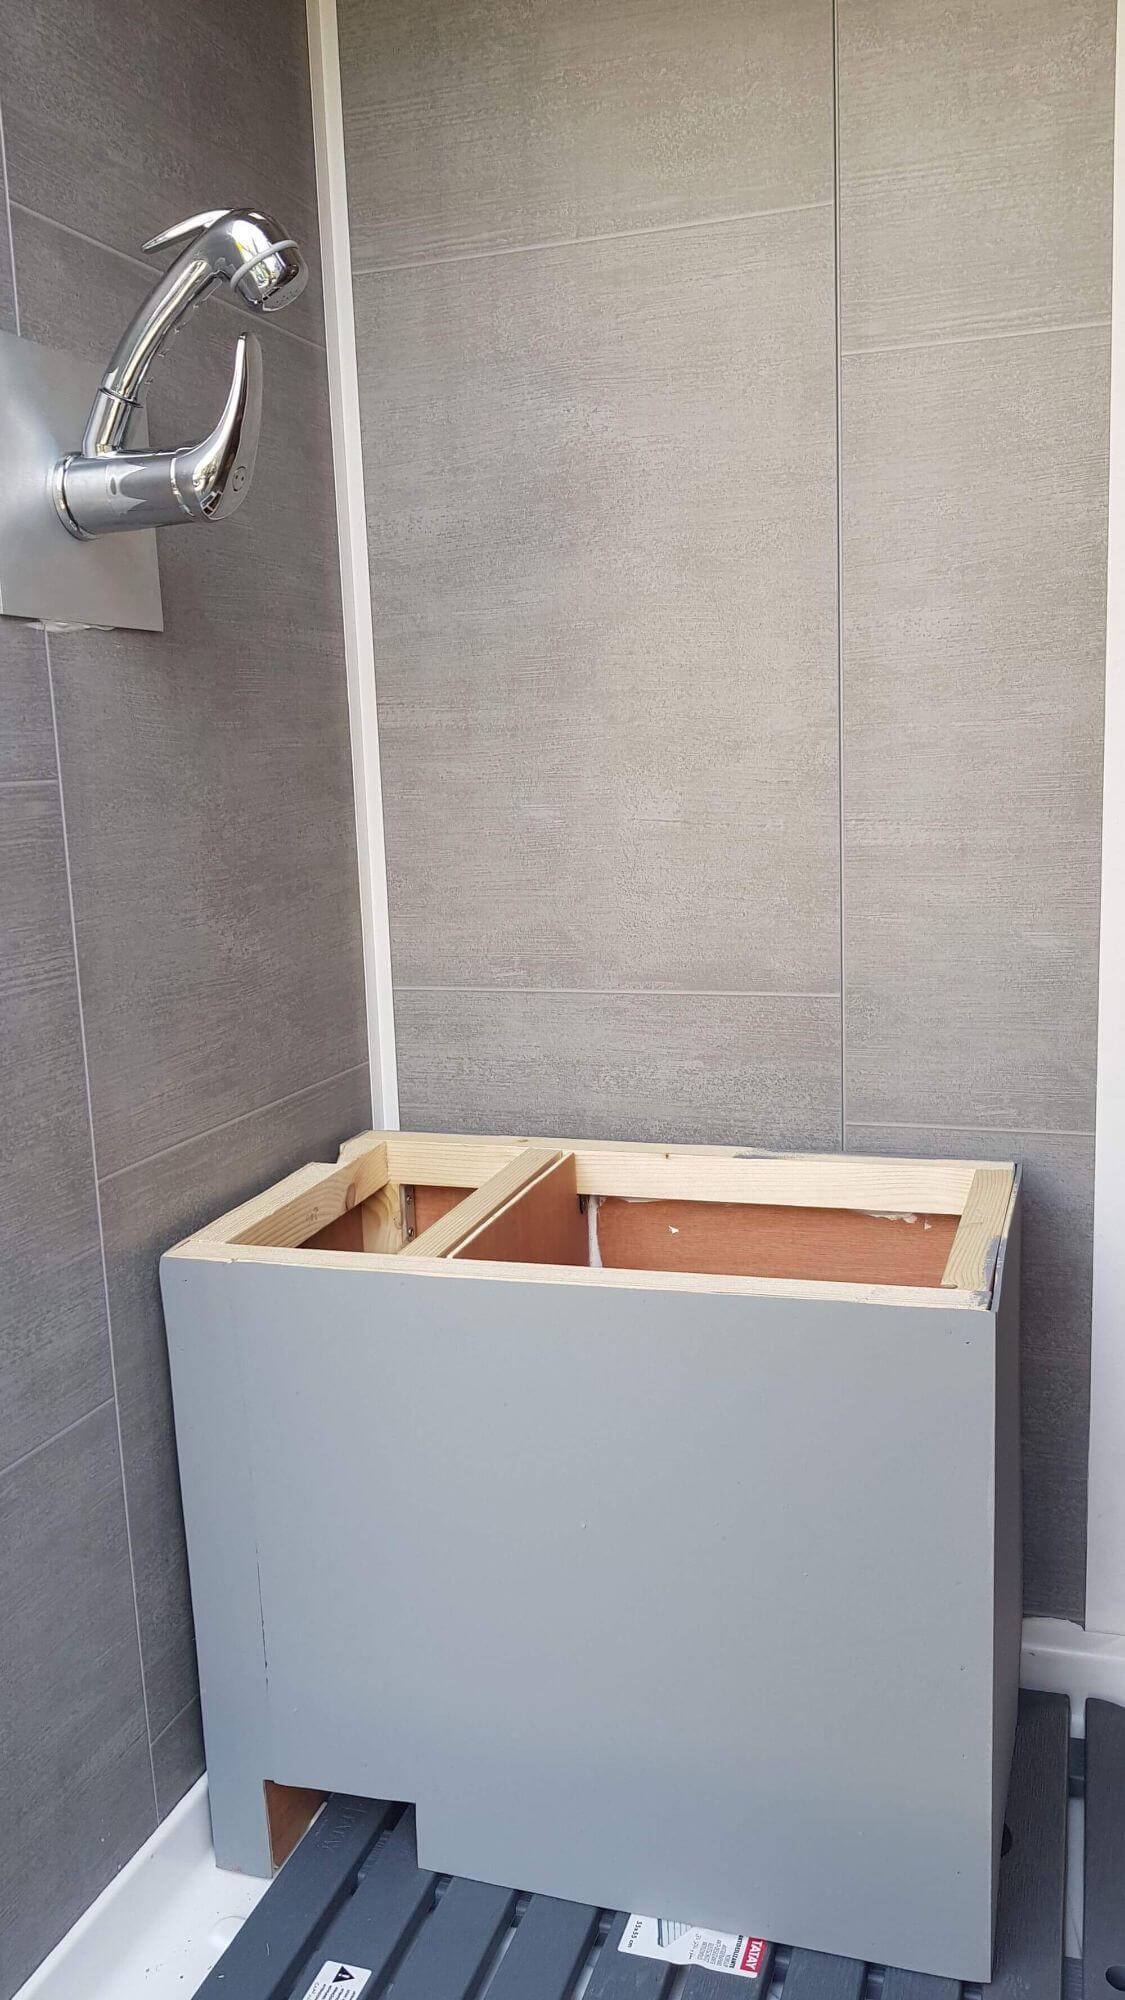 toilettes sèches, douche, fourgon